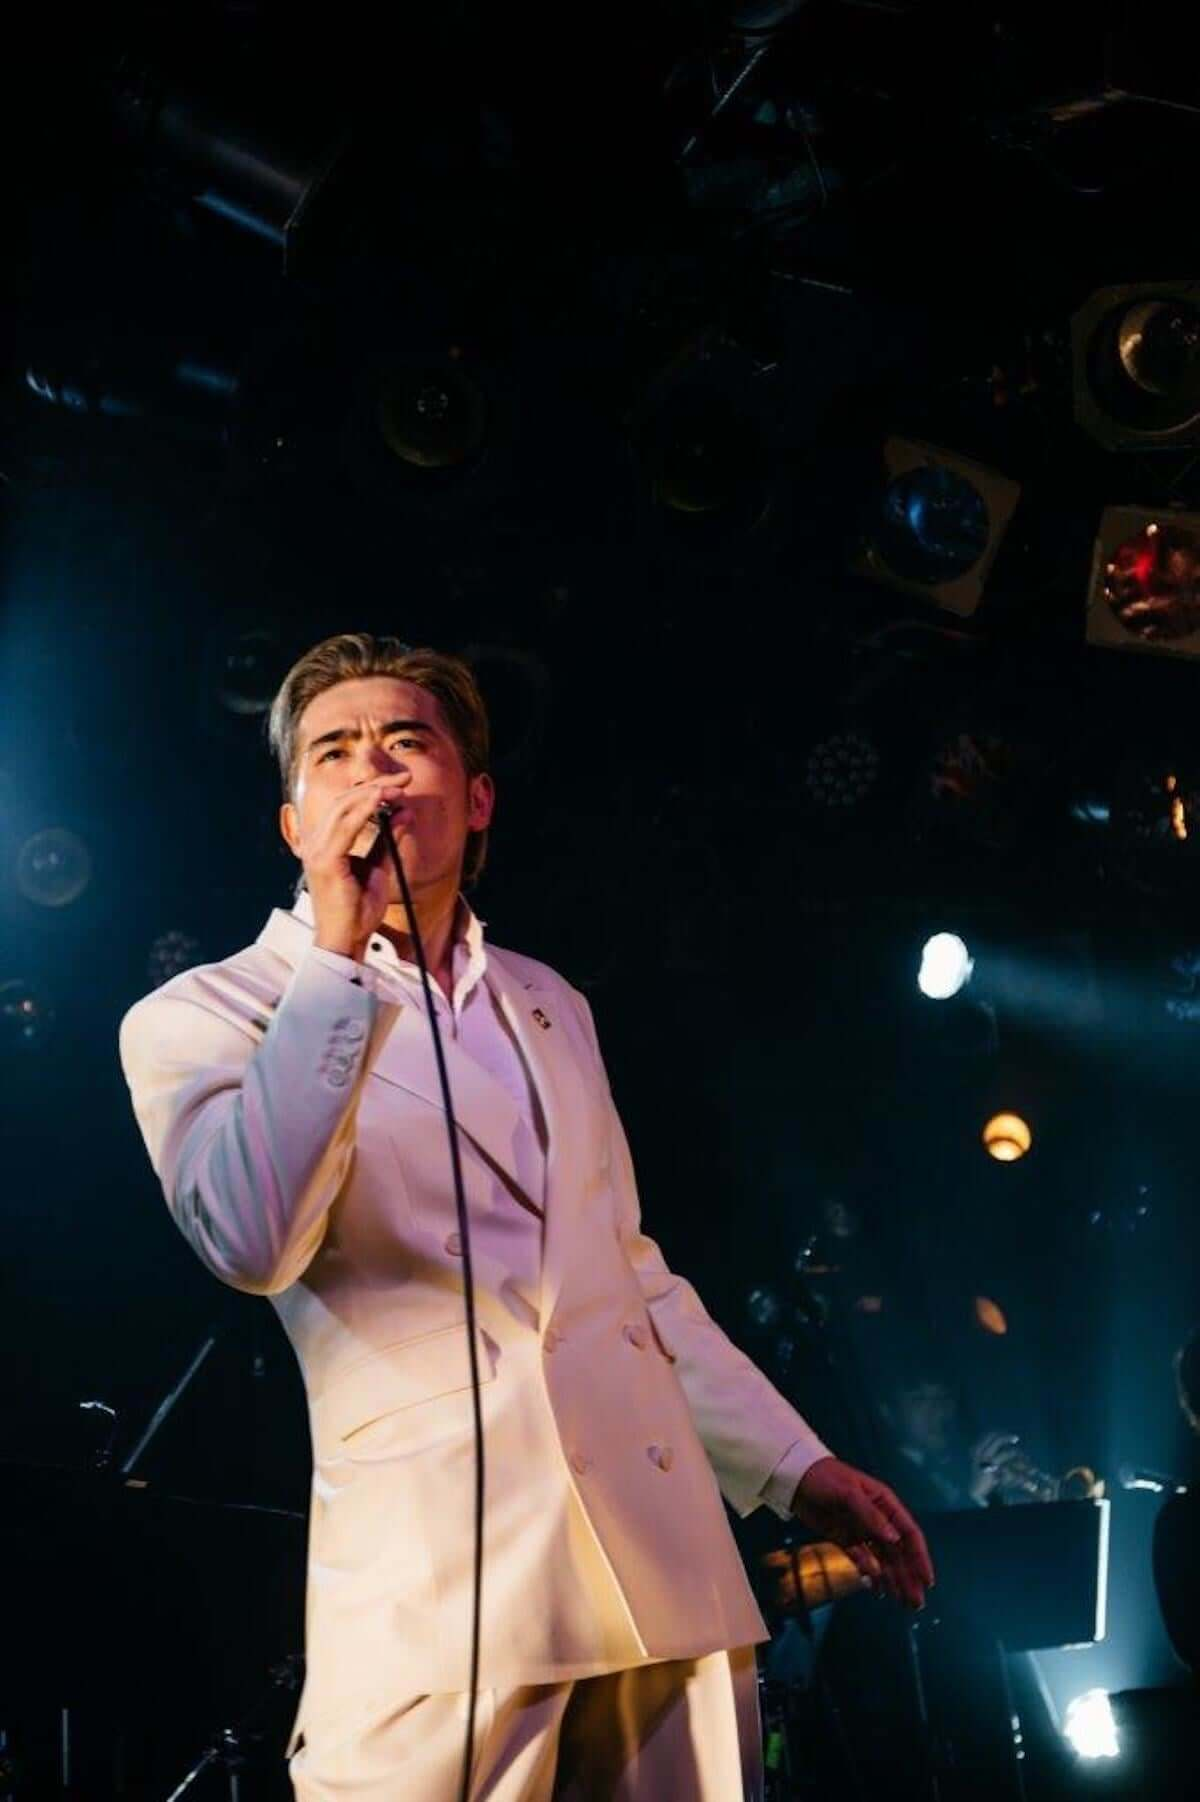 【ライブレポート】平成最後のエンターテイナー高岩遼のアルバム・リリース記念ライブが大盛況で終了!Yaffleとの「The Christmas Song」カヴァー音源が公開 music181216-takaiwa-ryo-2-1200x1802